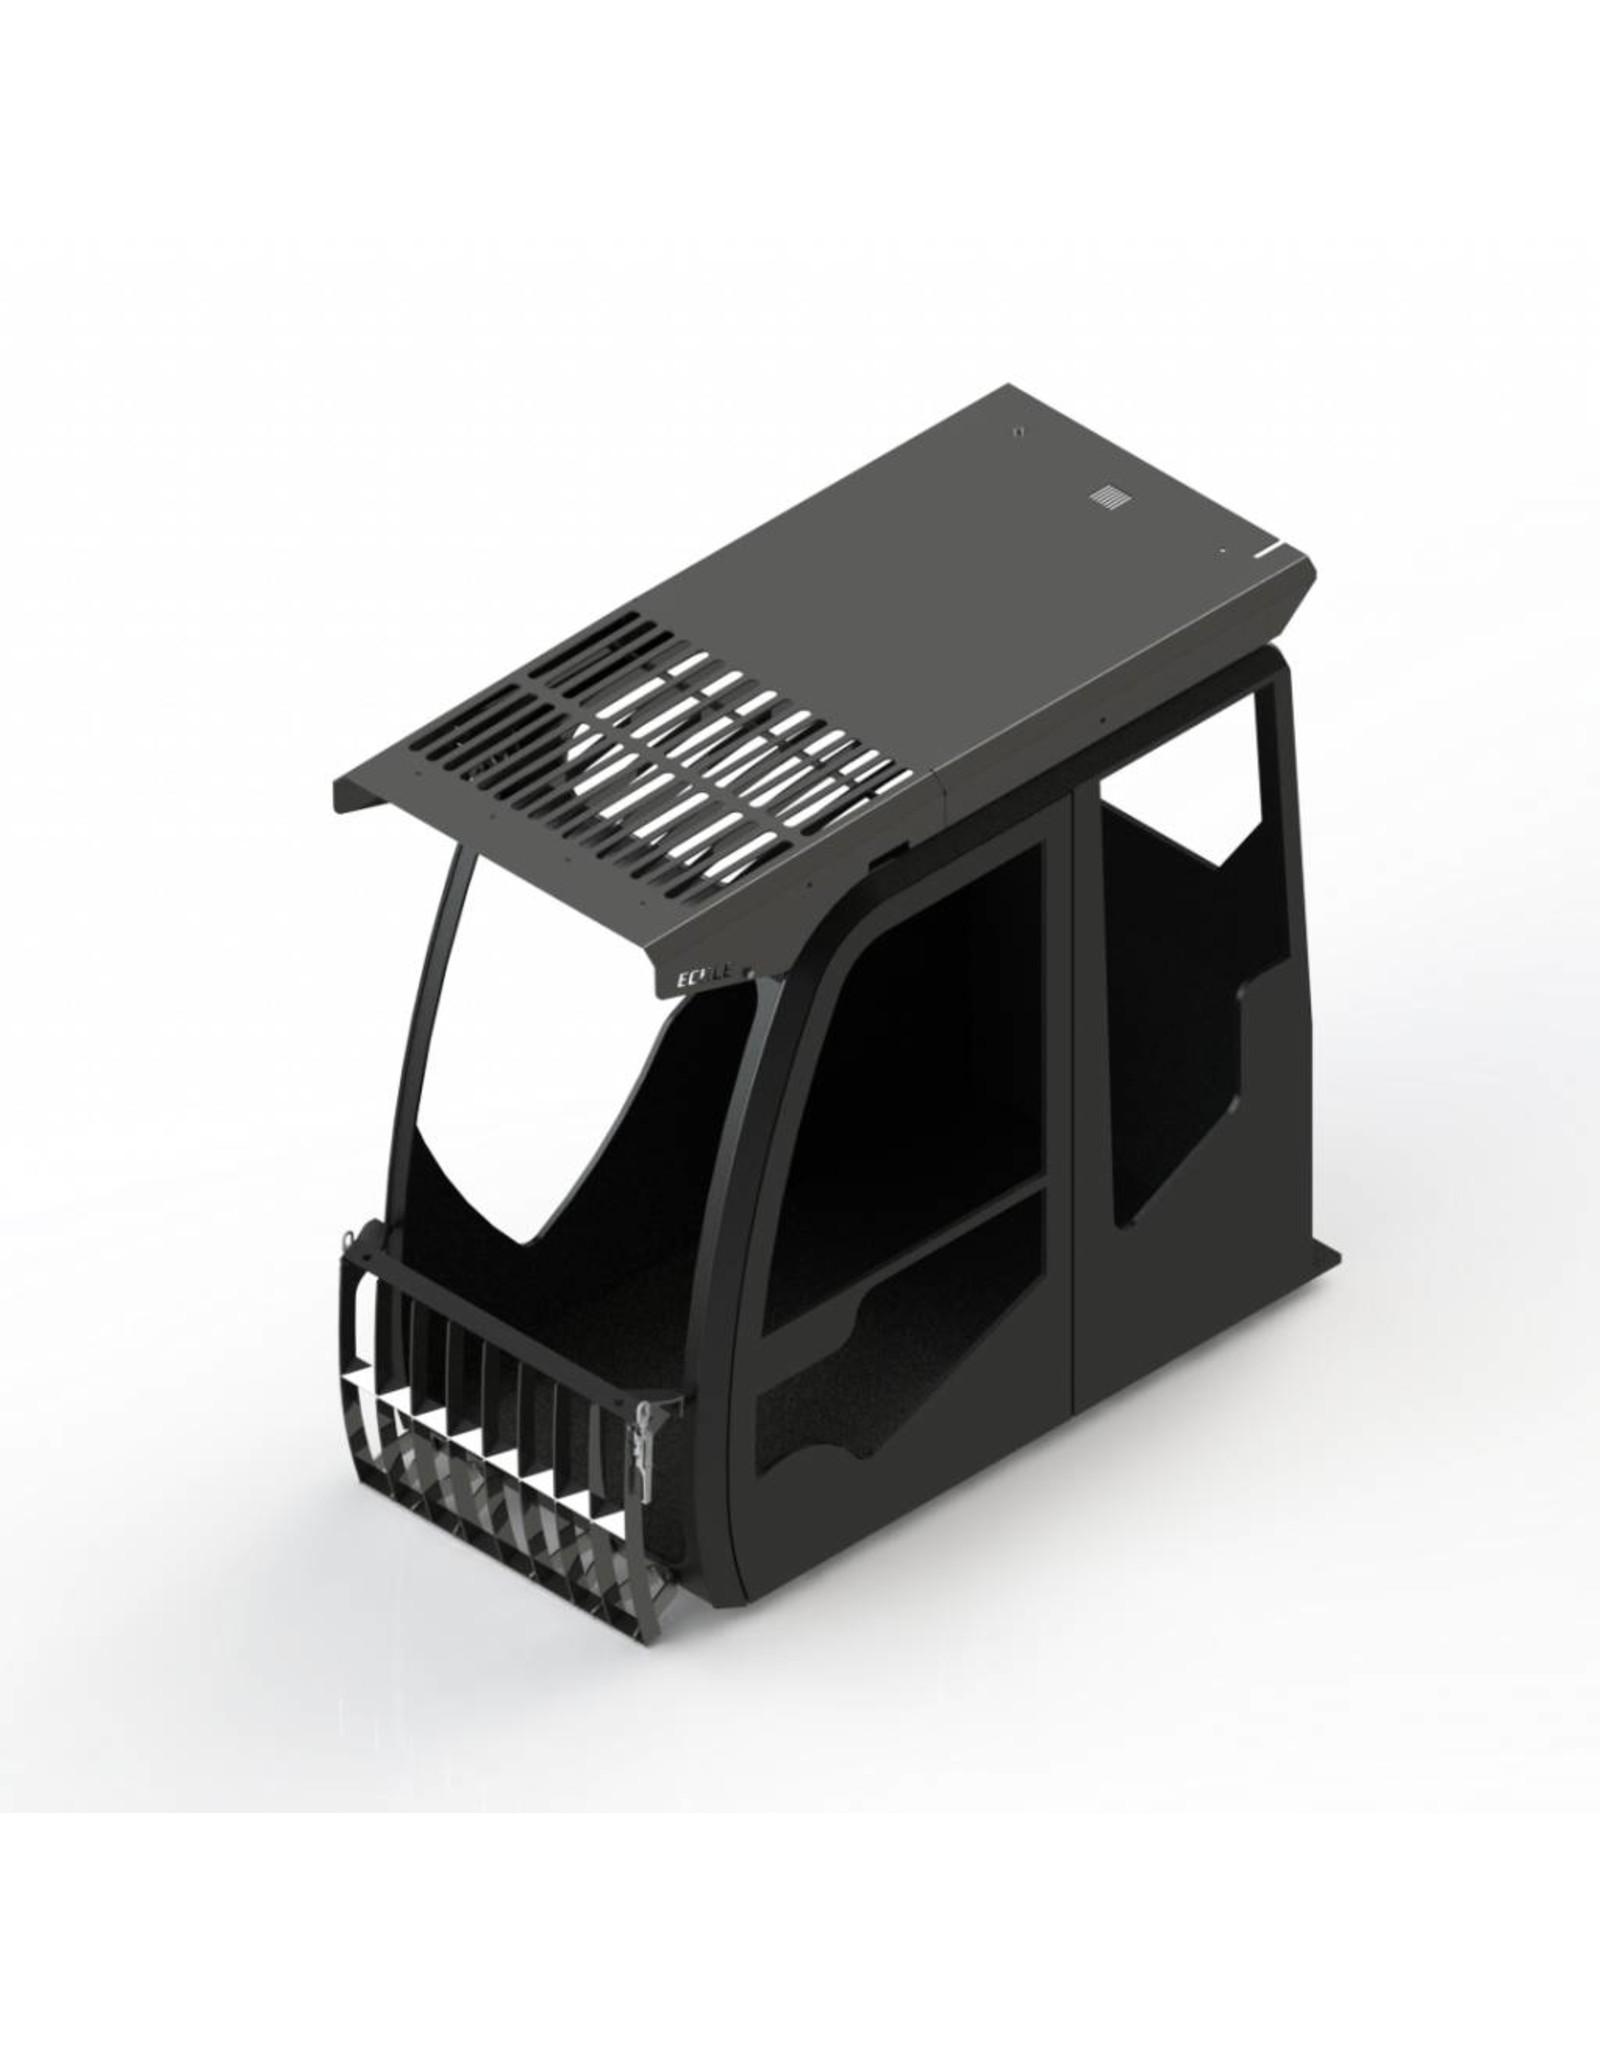 Echle Hartstahl GmbH FOPS for Doosan DX300LC-5